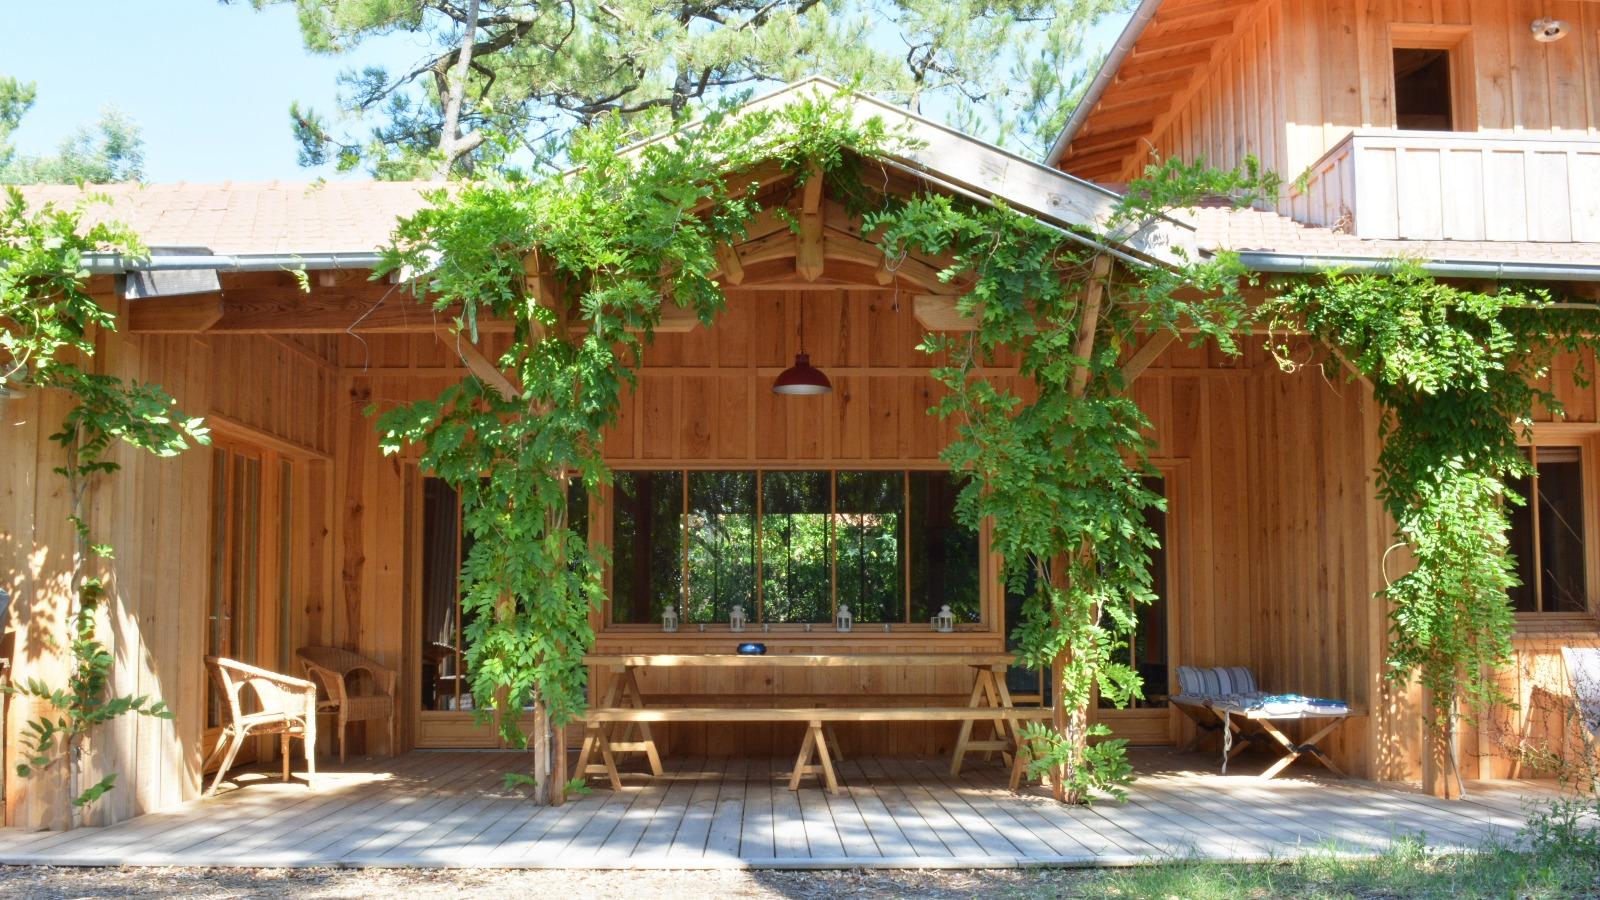 Cap ferret maison en bois esprit cabane proche plage - Maison en bois cap ferret ...